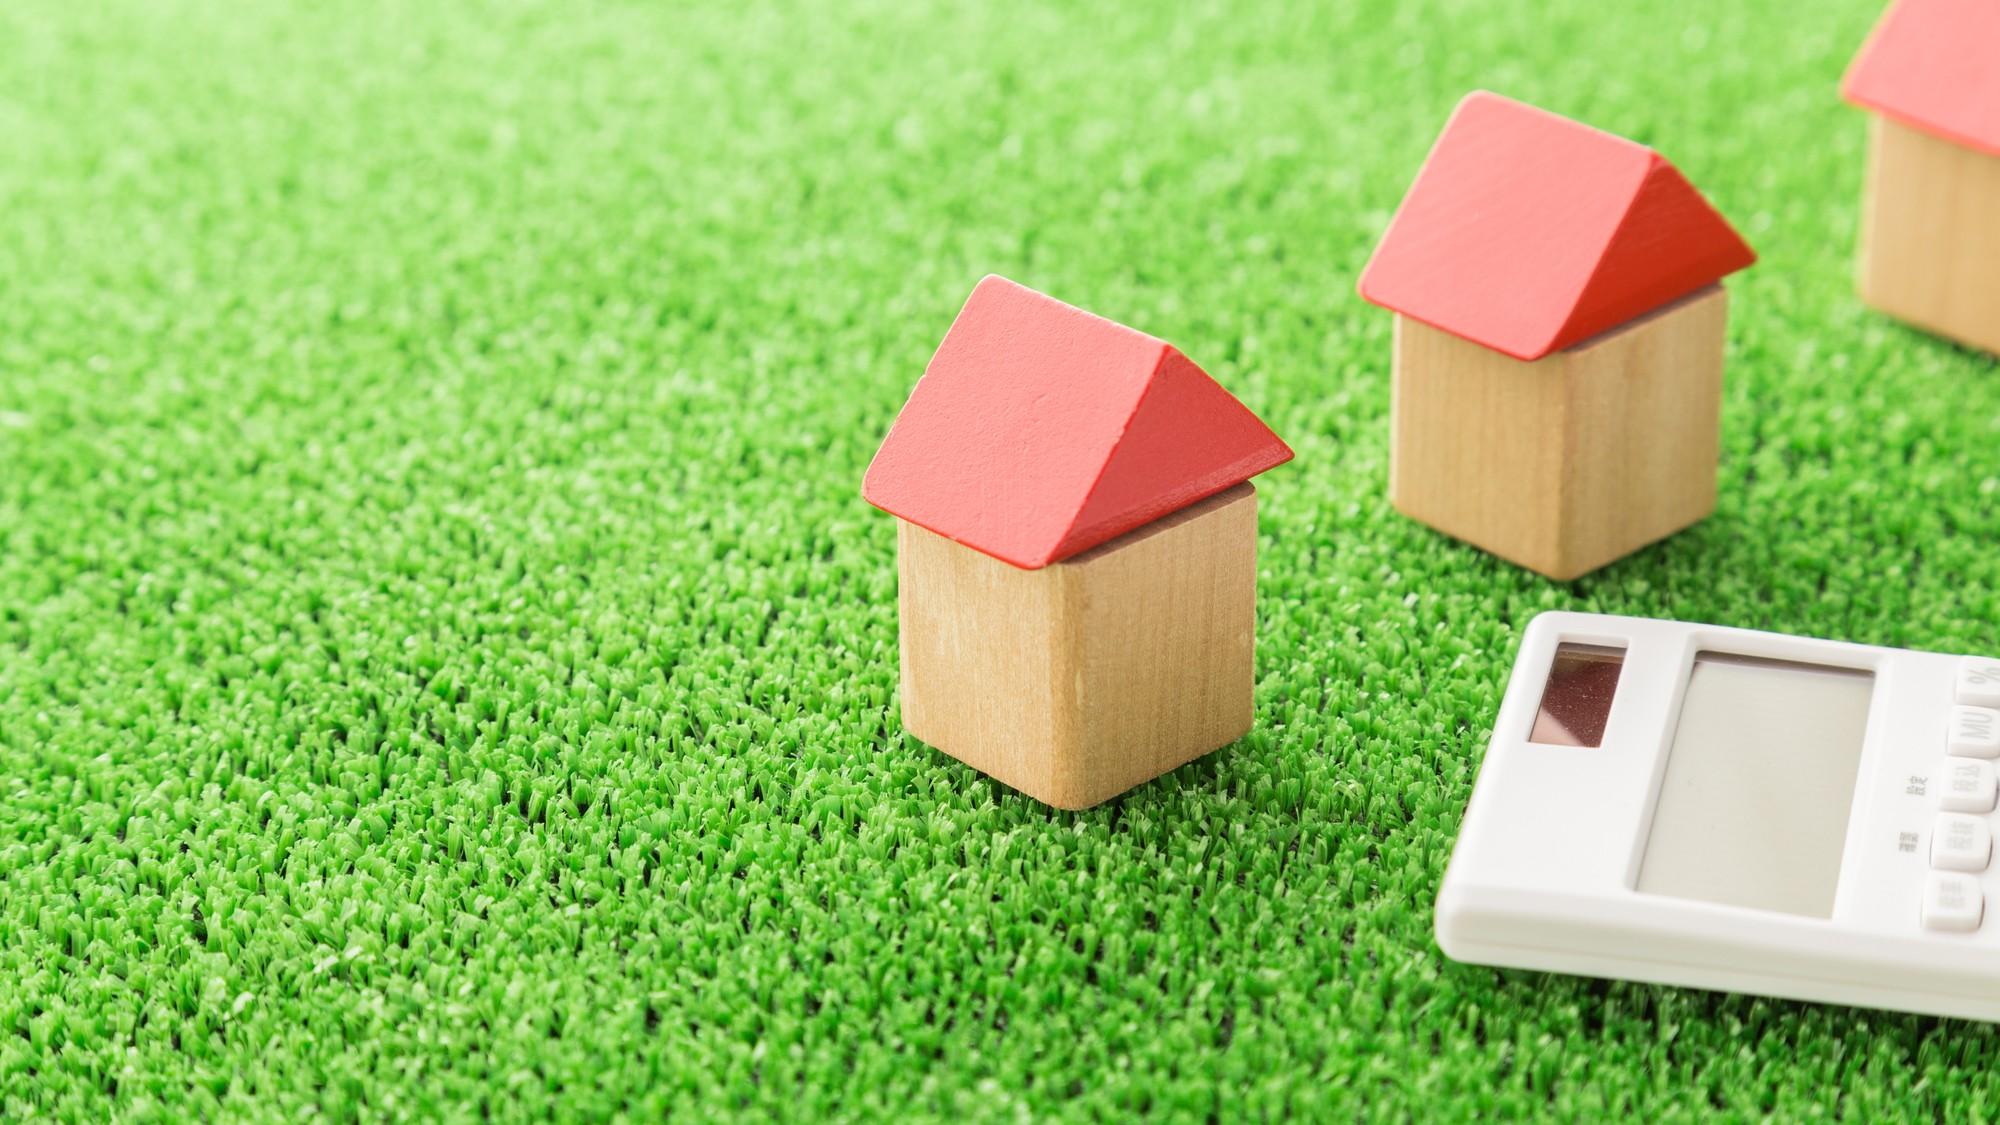 地方・郊外で不動産投資…エリア選定と物件選びのポイント